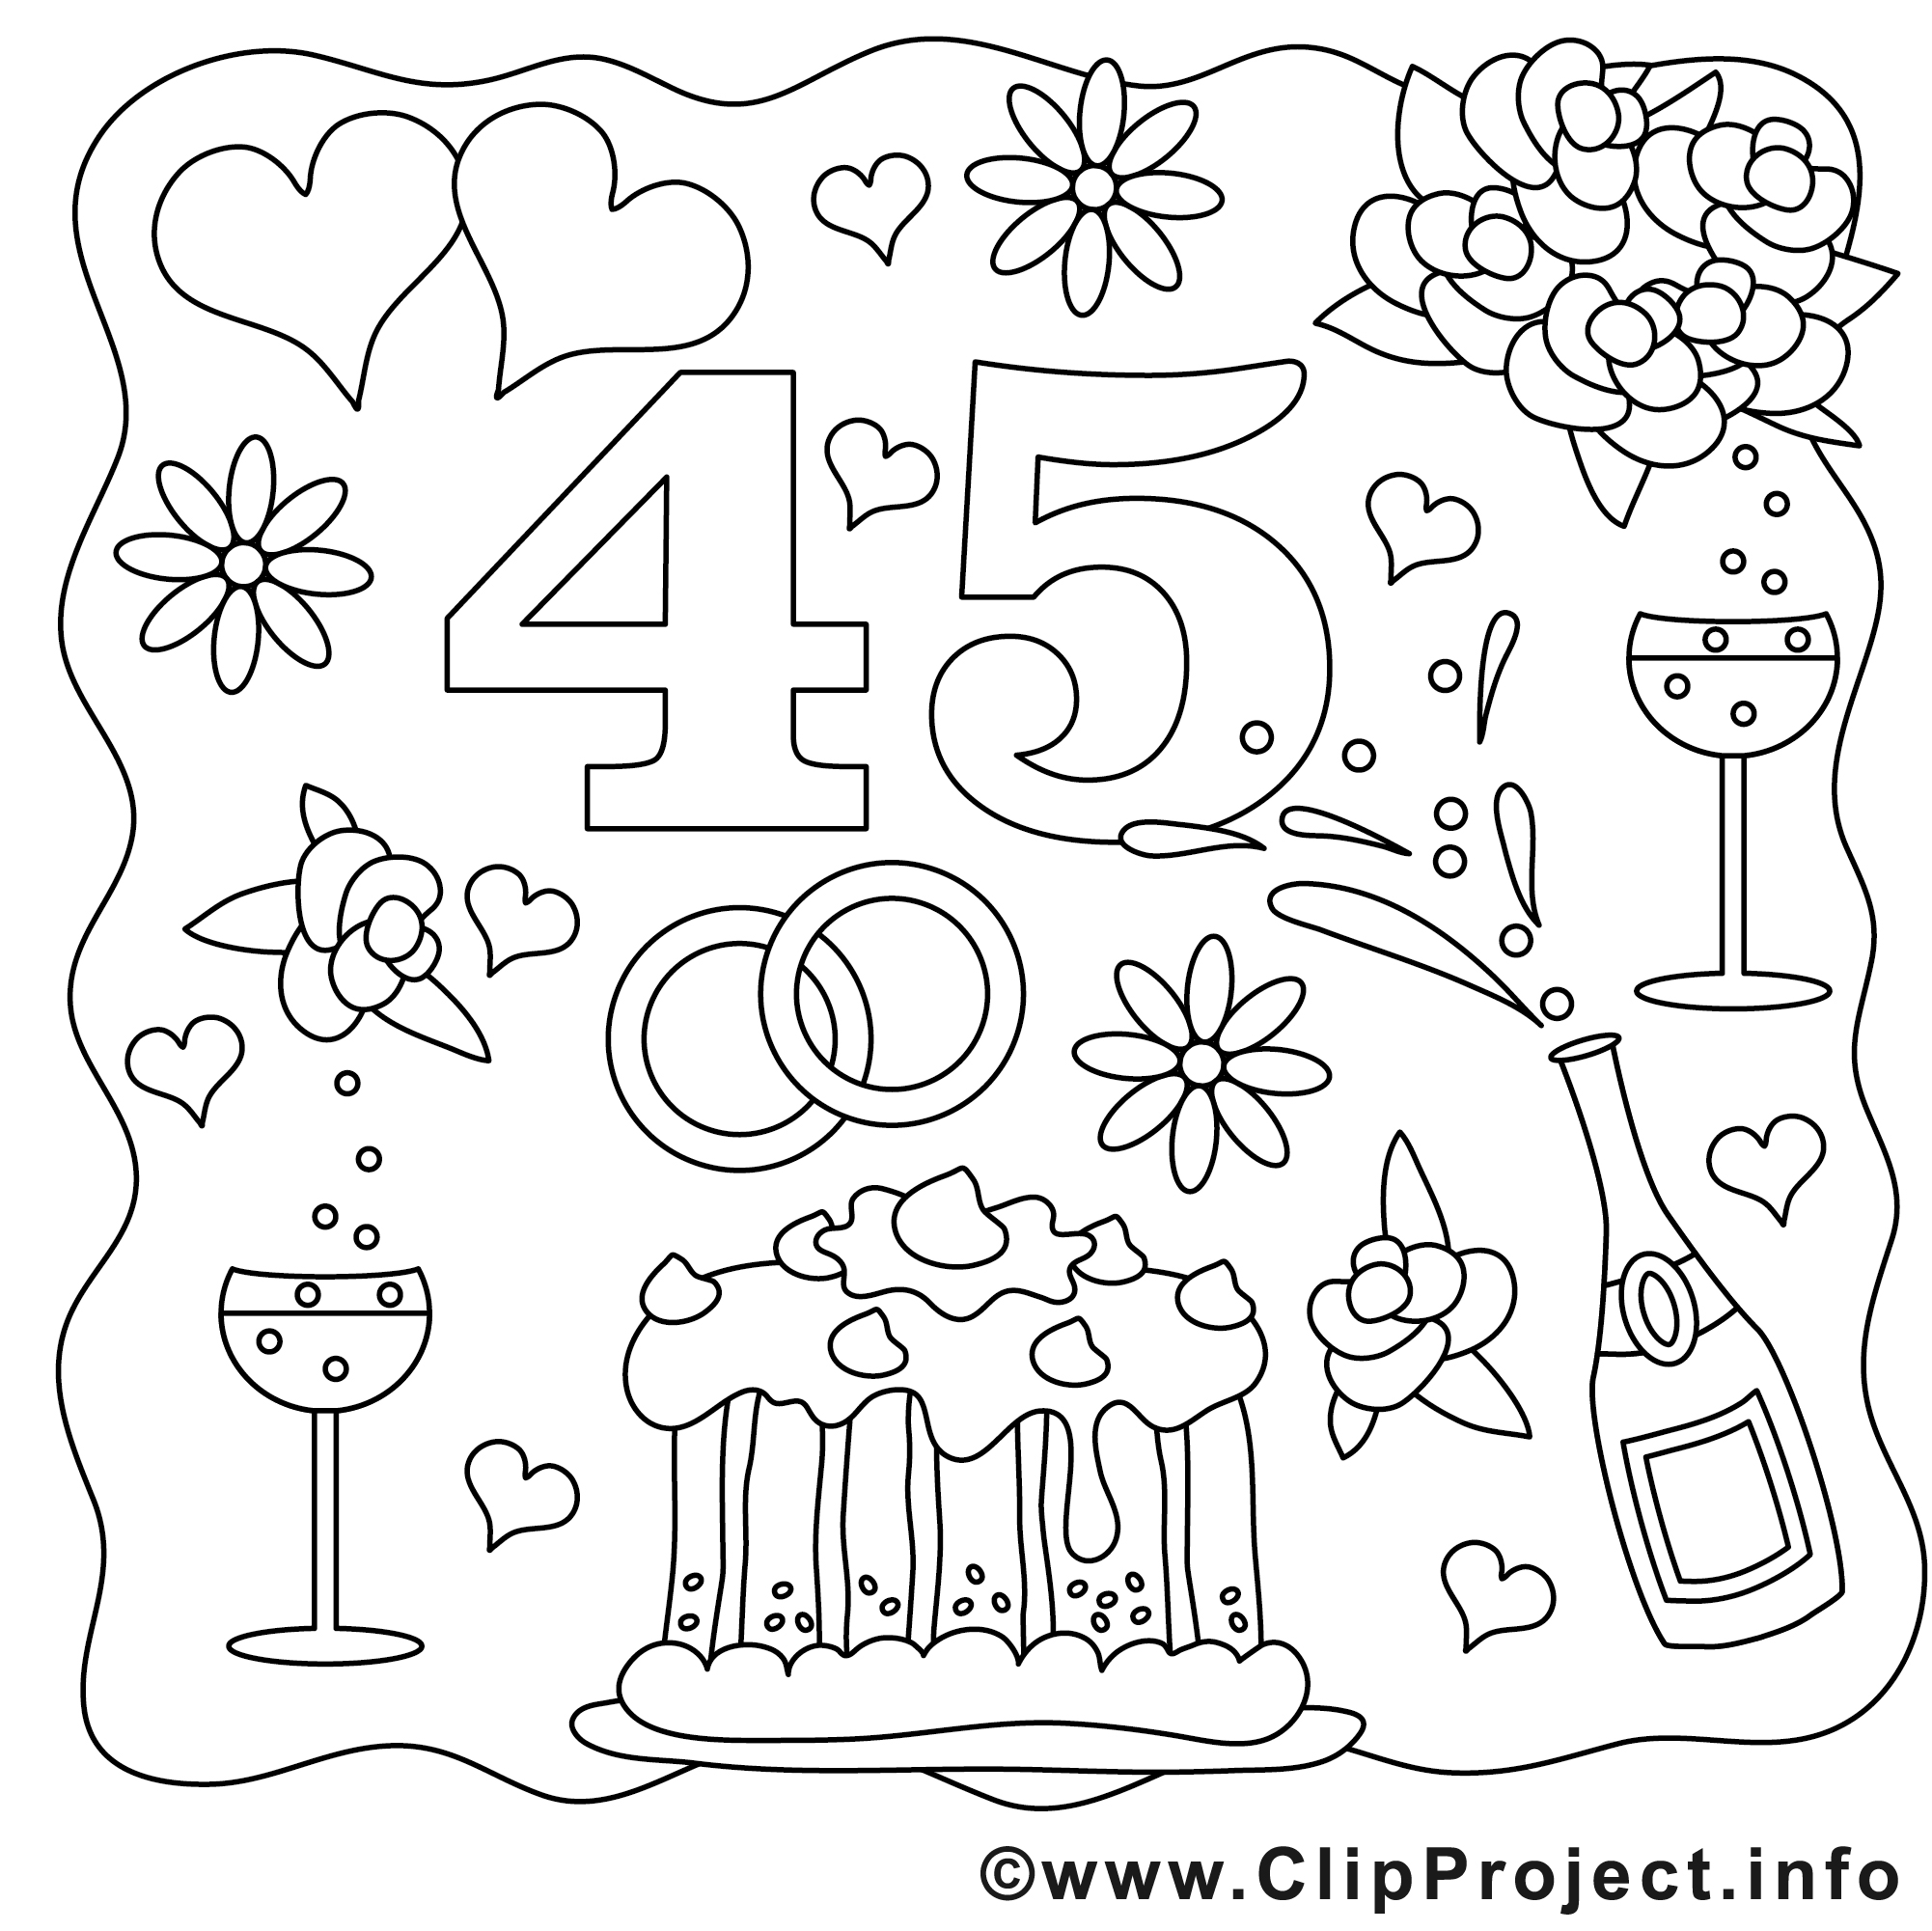 45 Ans Dessin Mariage Gratuits A Imprimer Mariage Coloriages